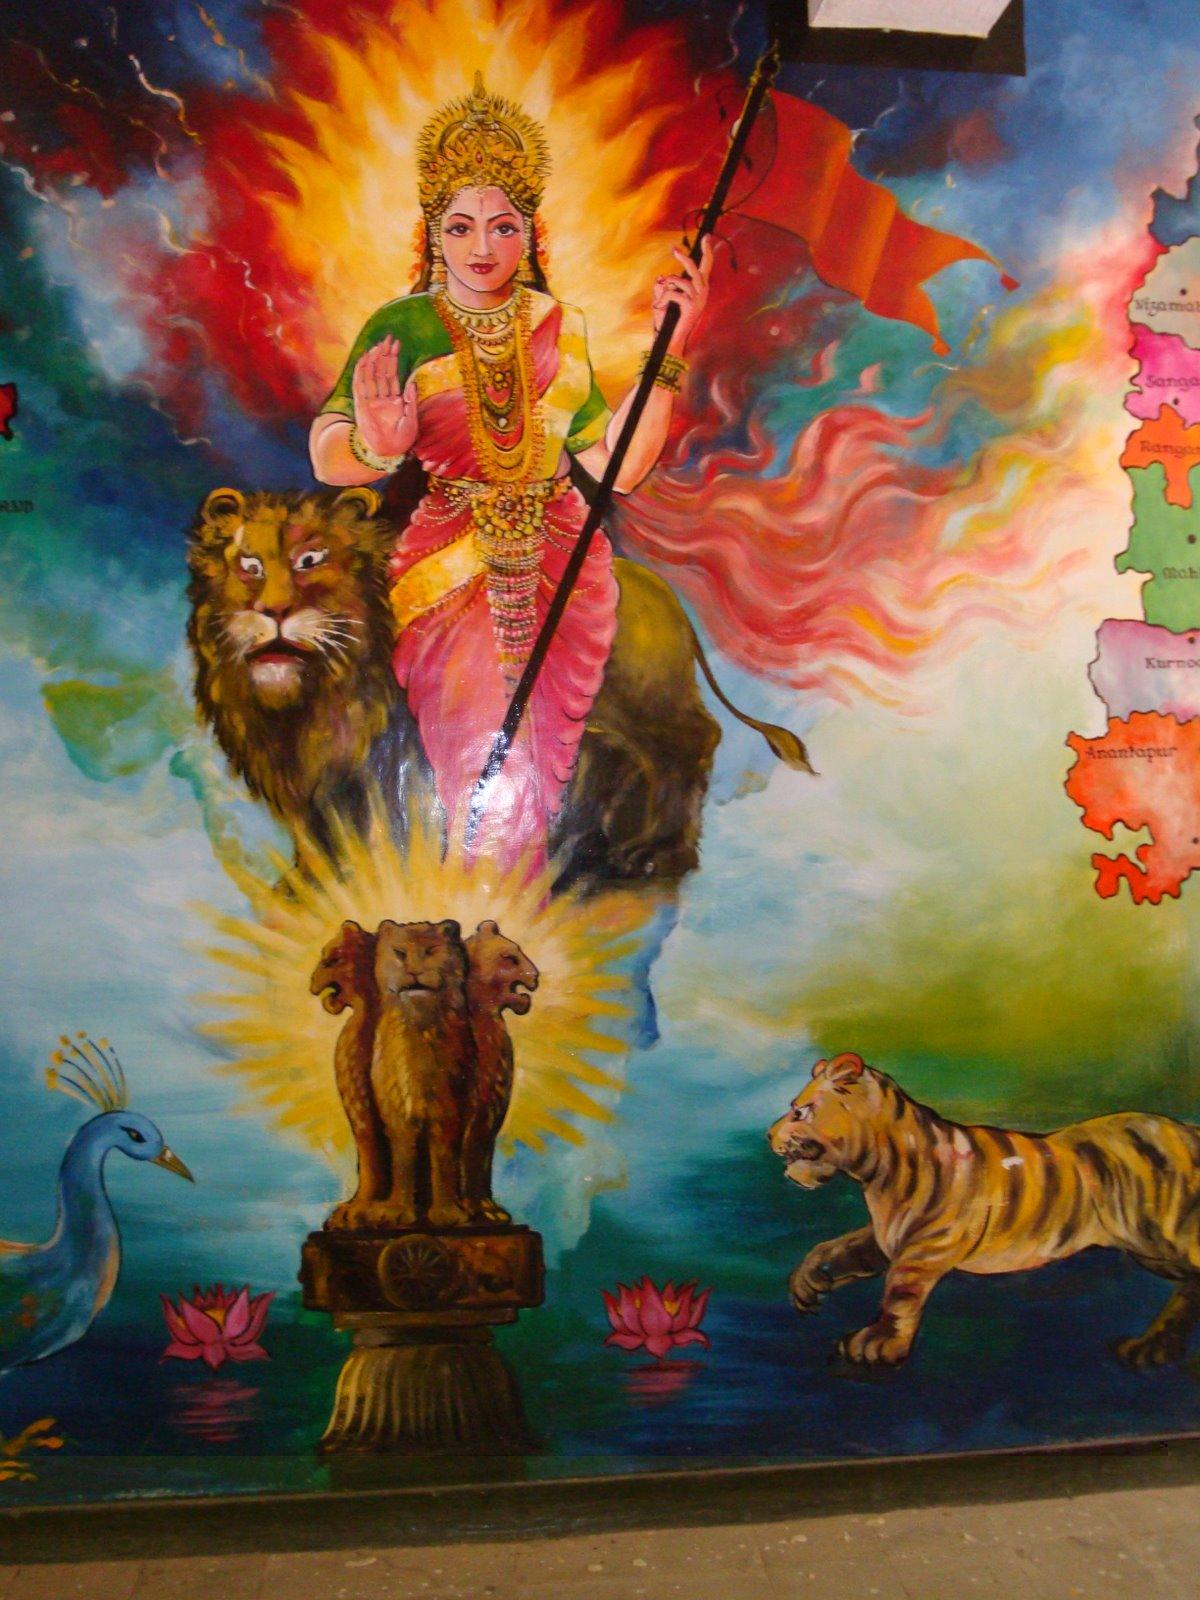 Bharta Mai Ki Jai Independence Day God Wallpapers